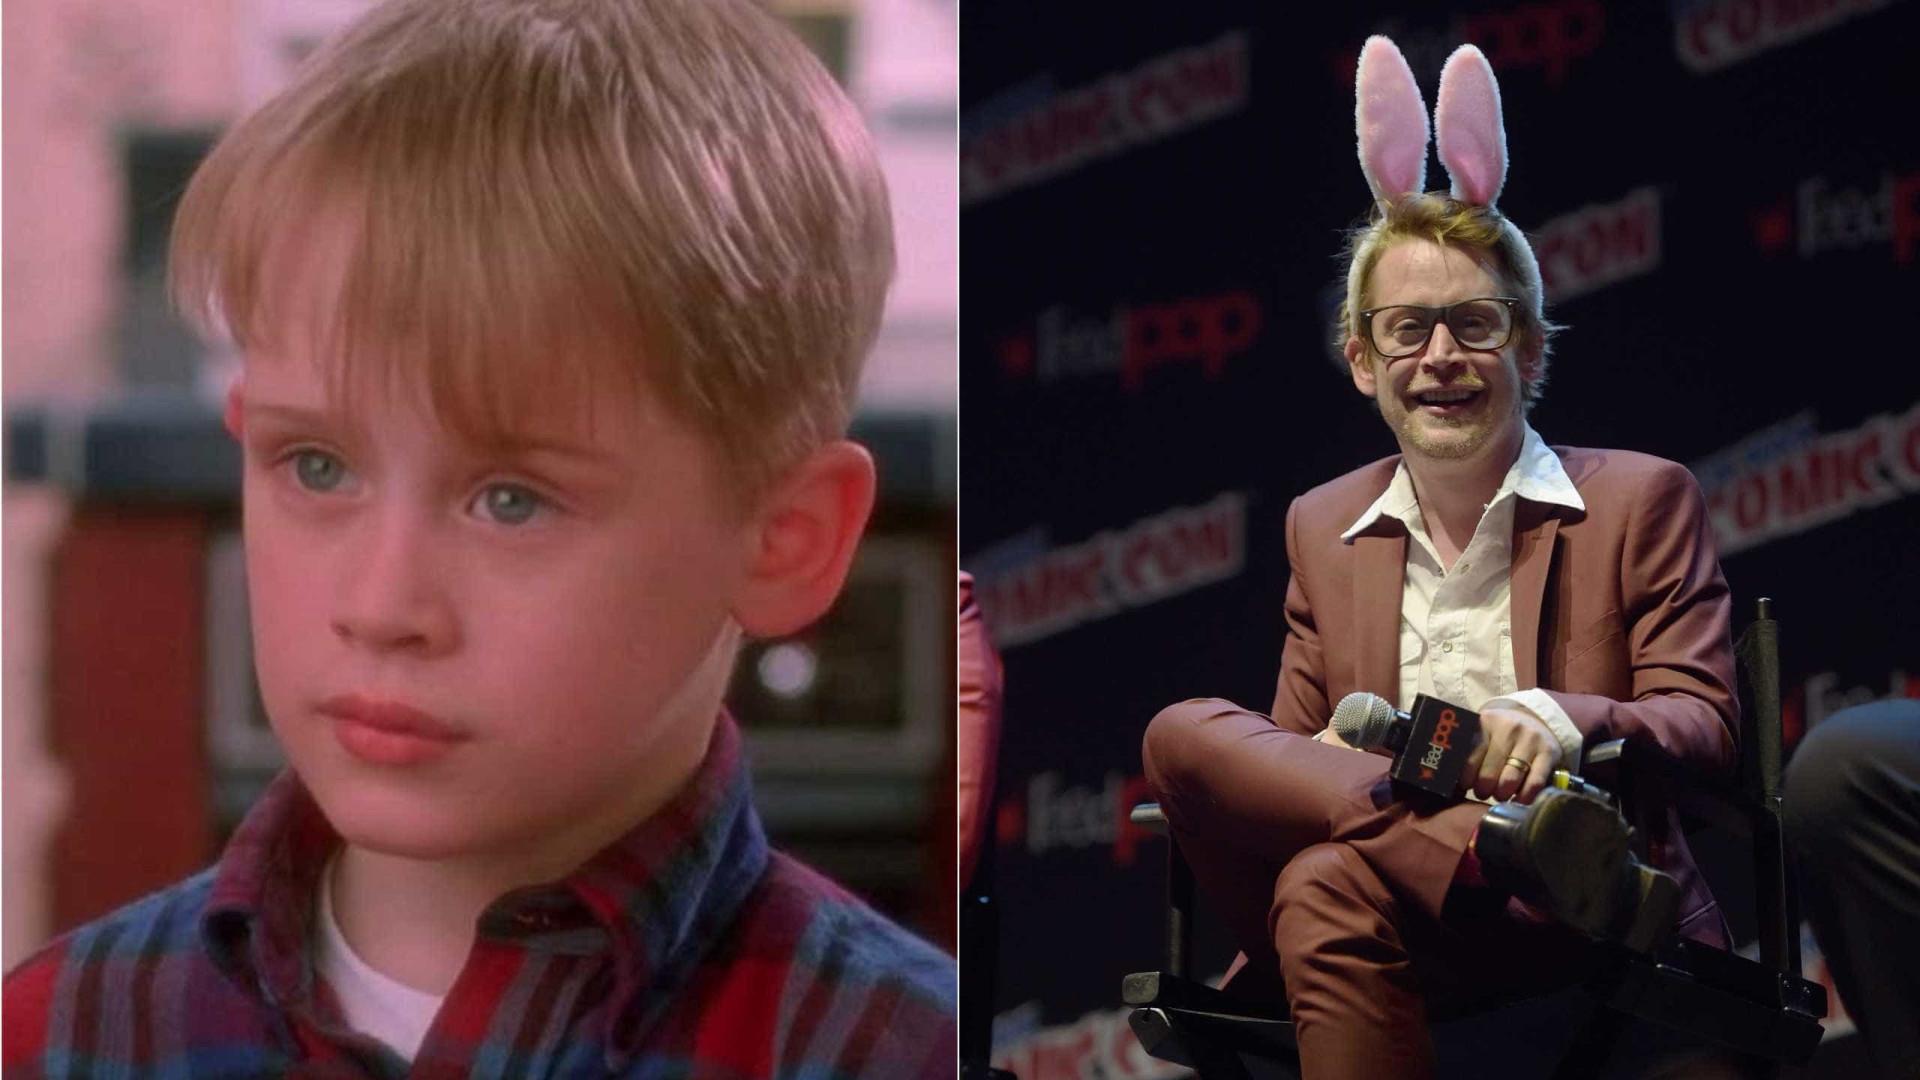 Macaulay Culkin descreve o pai como mau: 'Posso mostrar as cicatrizes'